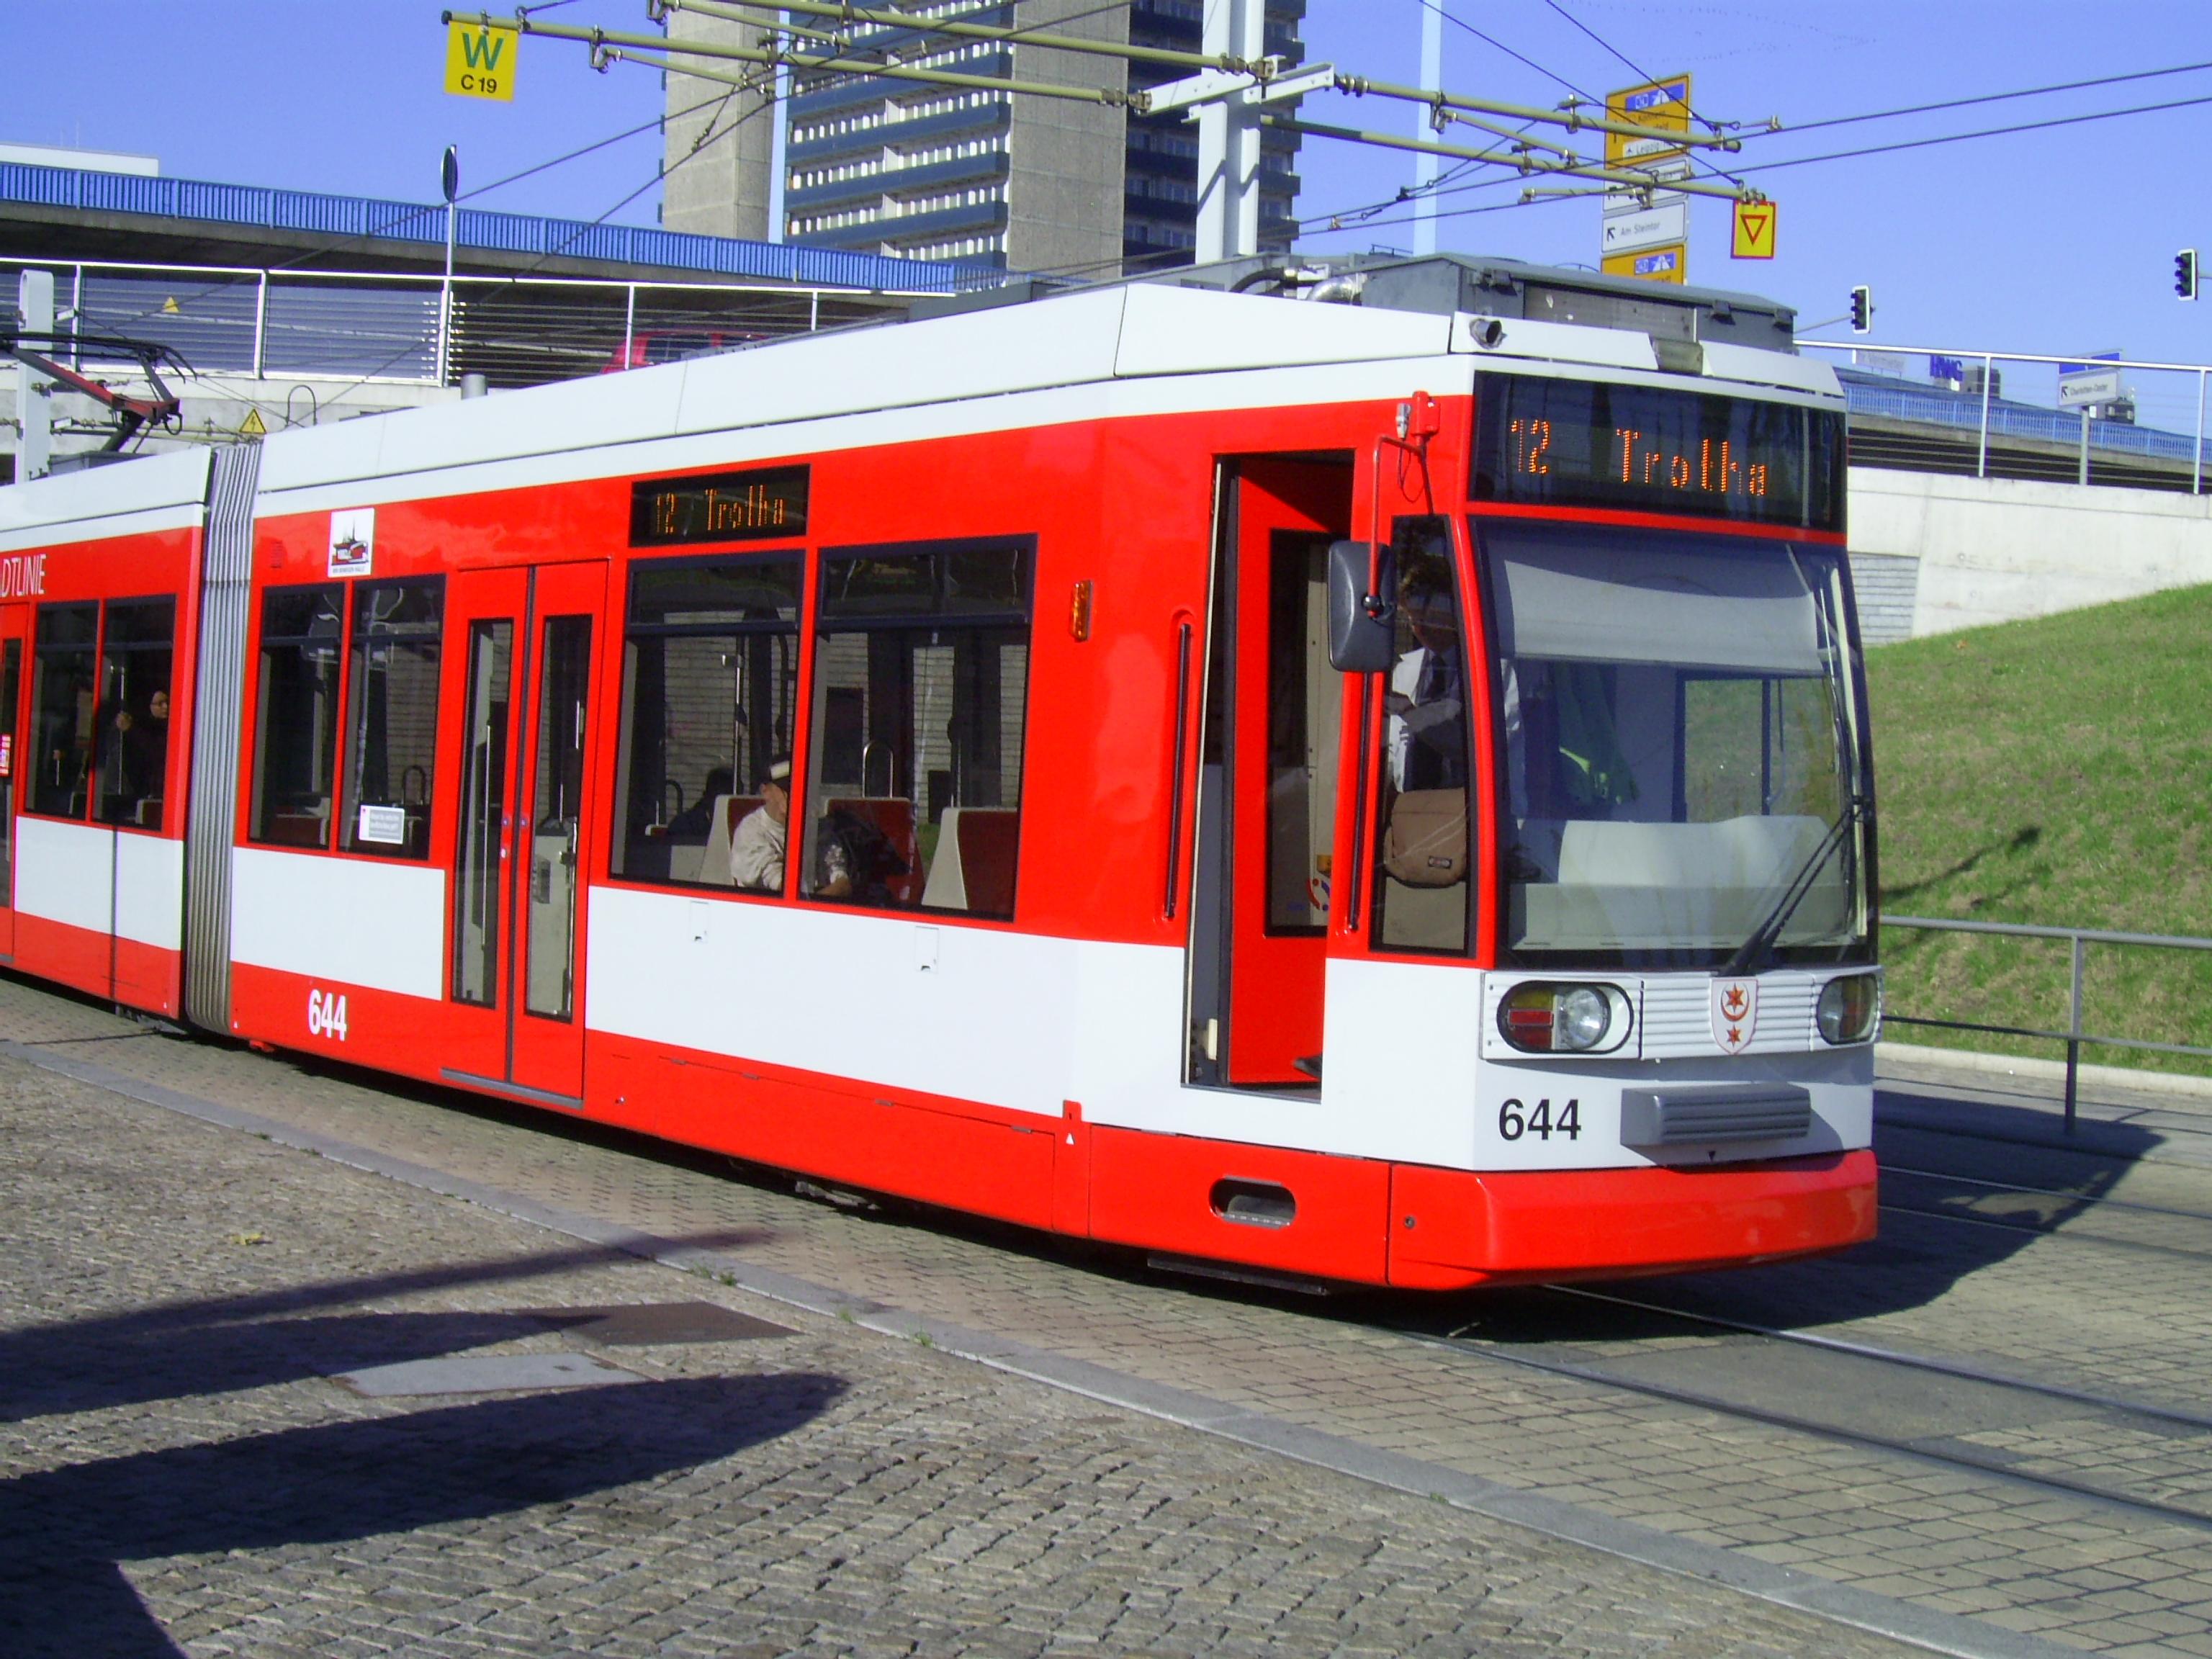 Strassenbahn Halle Saale Wikipedia